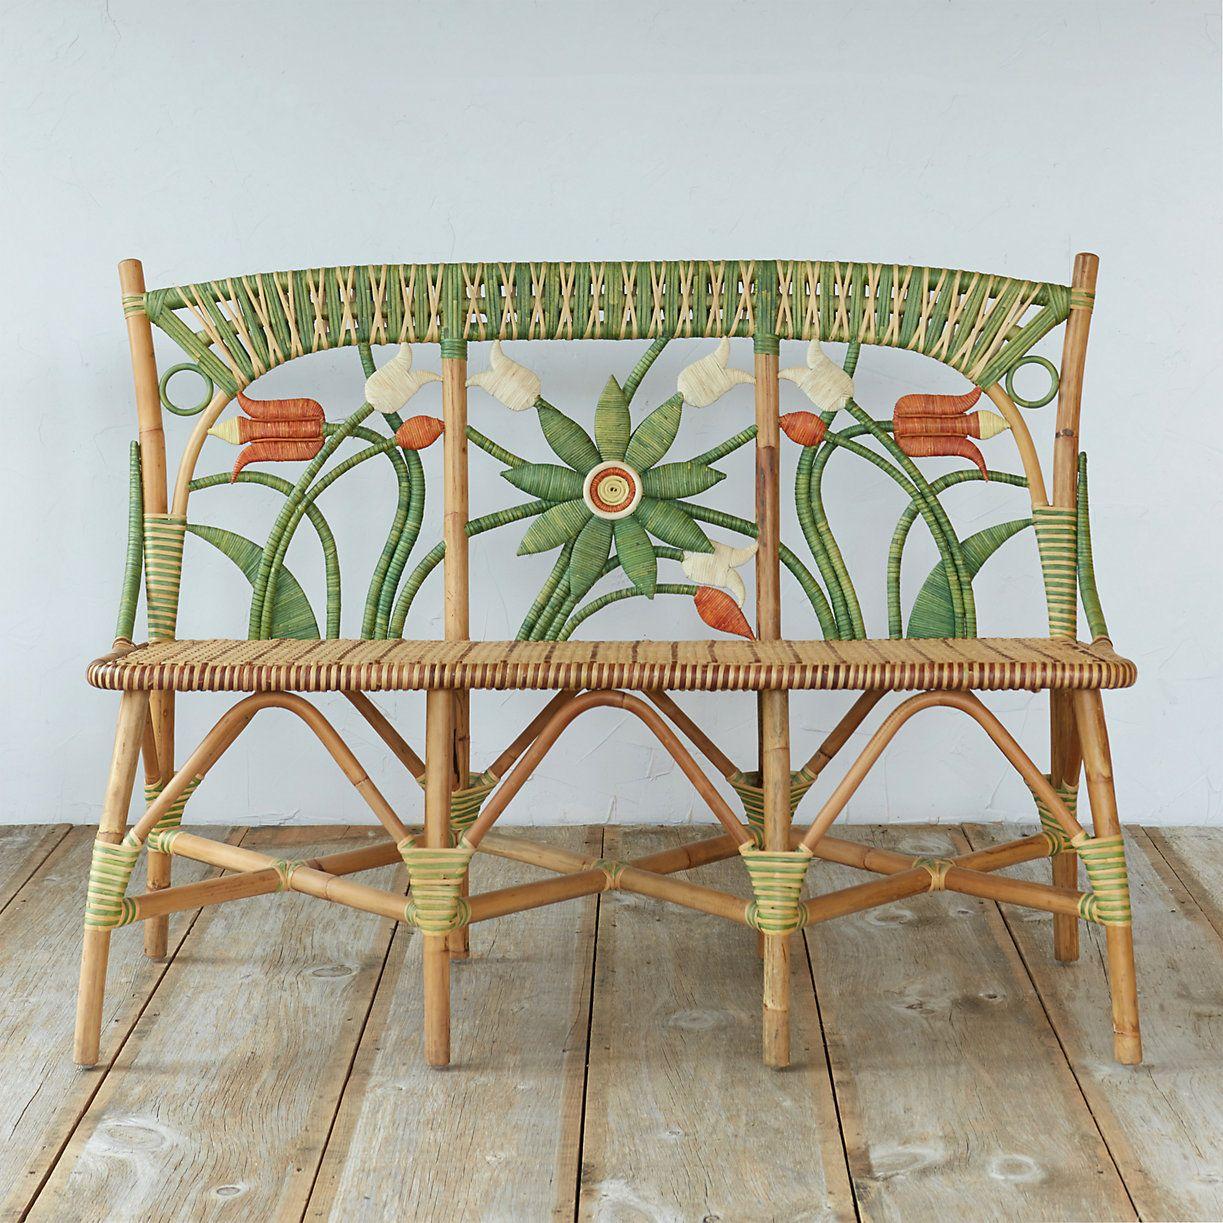 Floral Rattan Bench | Sillas de mimbre, Muebles para el hogar y Mimbre